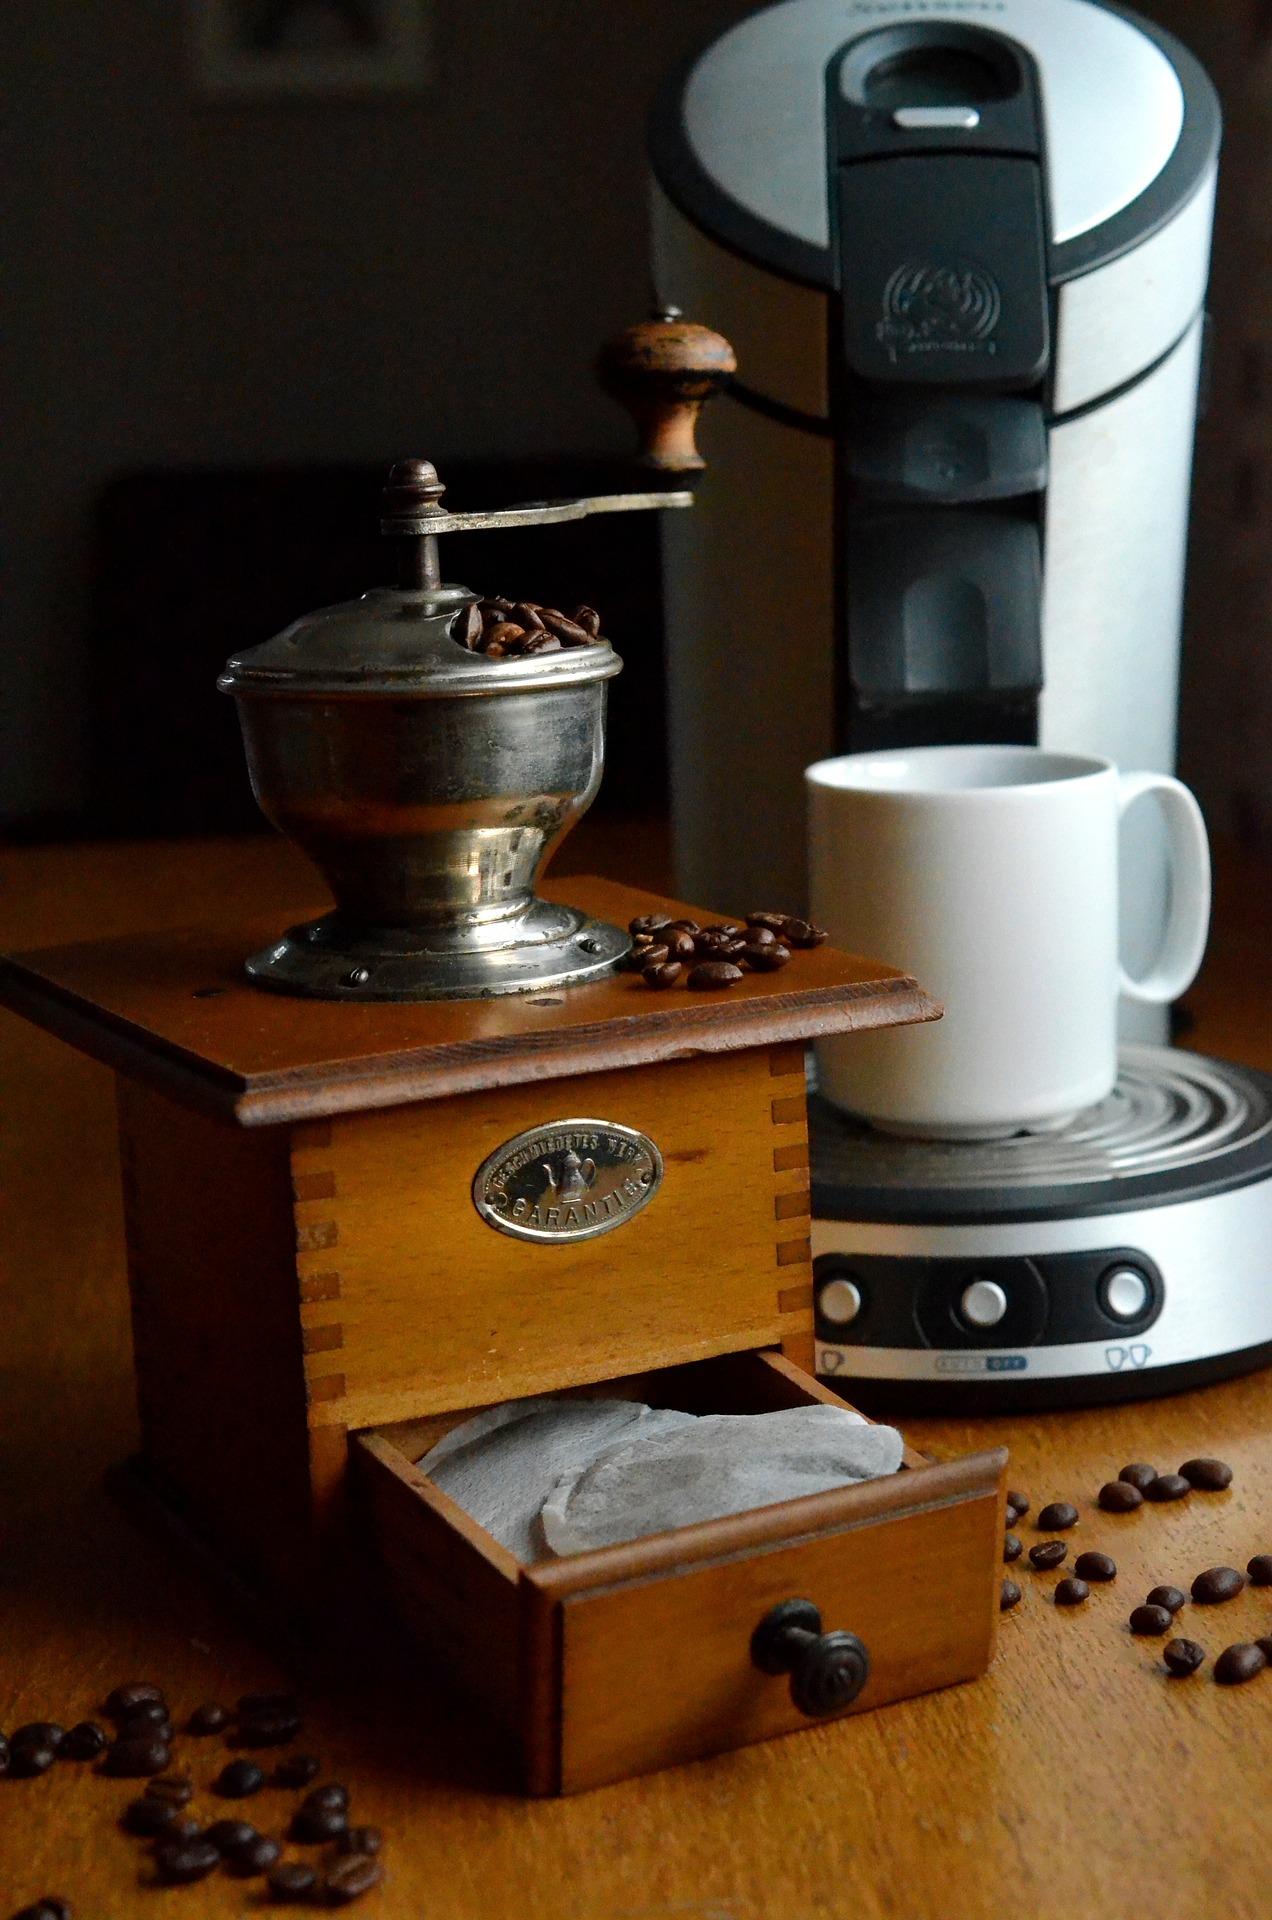 Wer es eher klassisch mag, kann auch zu solchen Retro Kaffeepadbehältern greifen.